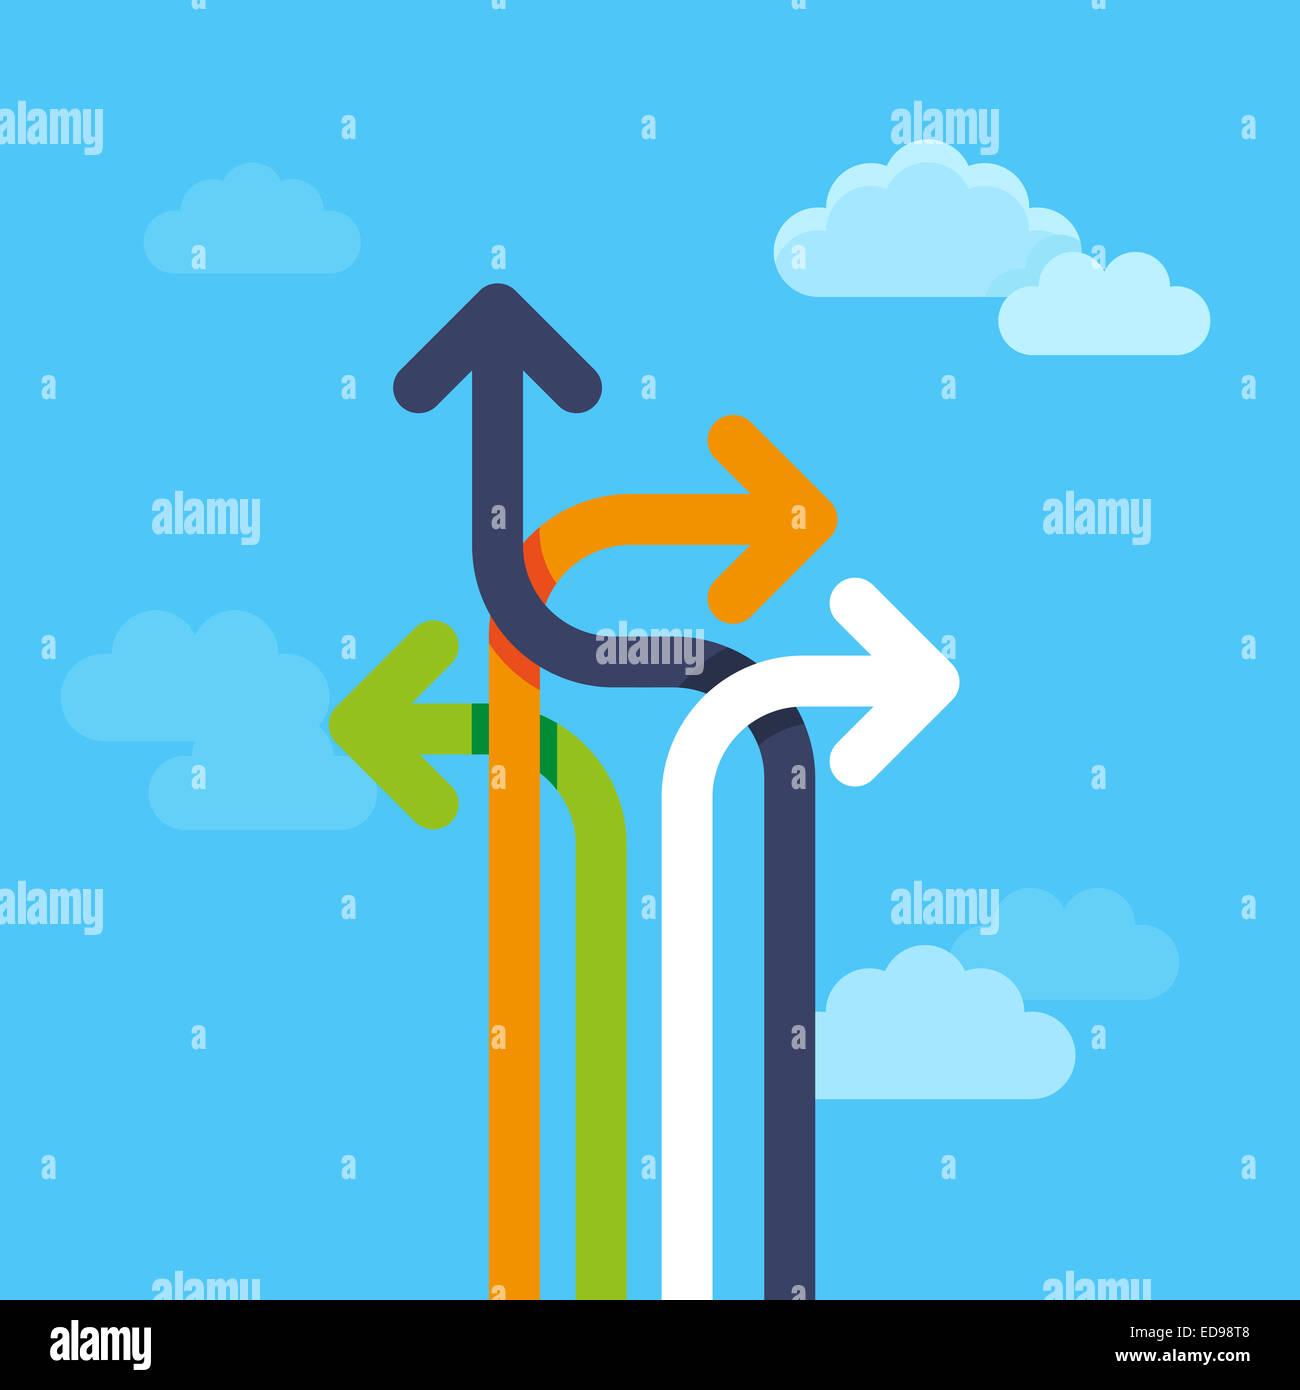 Abstract il concetto di strategia in stile piatto - La strada per il successo Immagini Stock